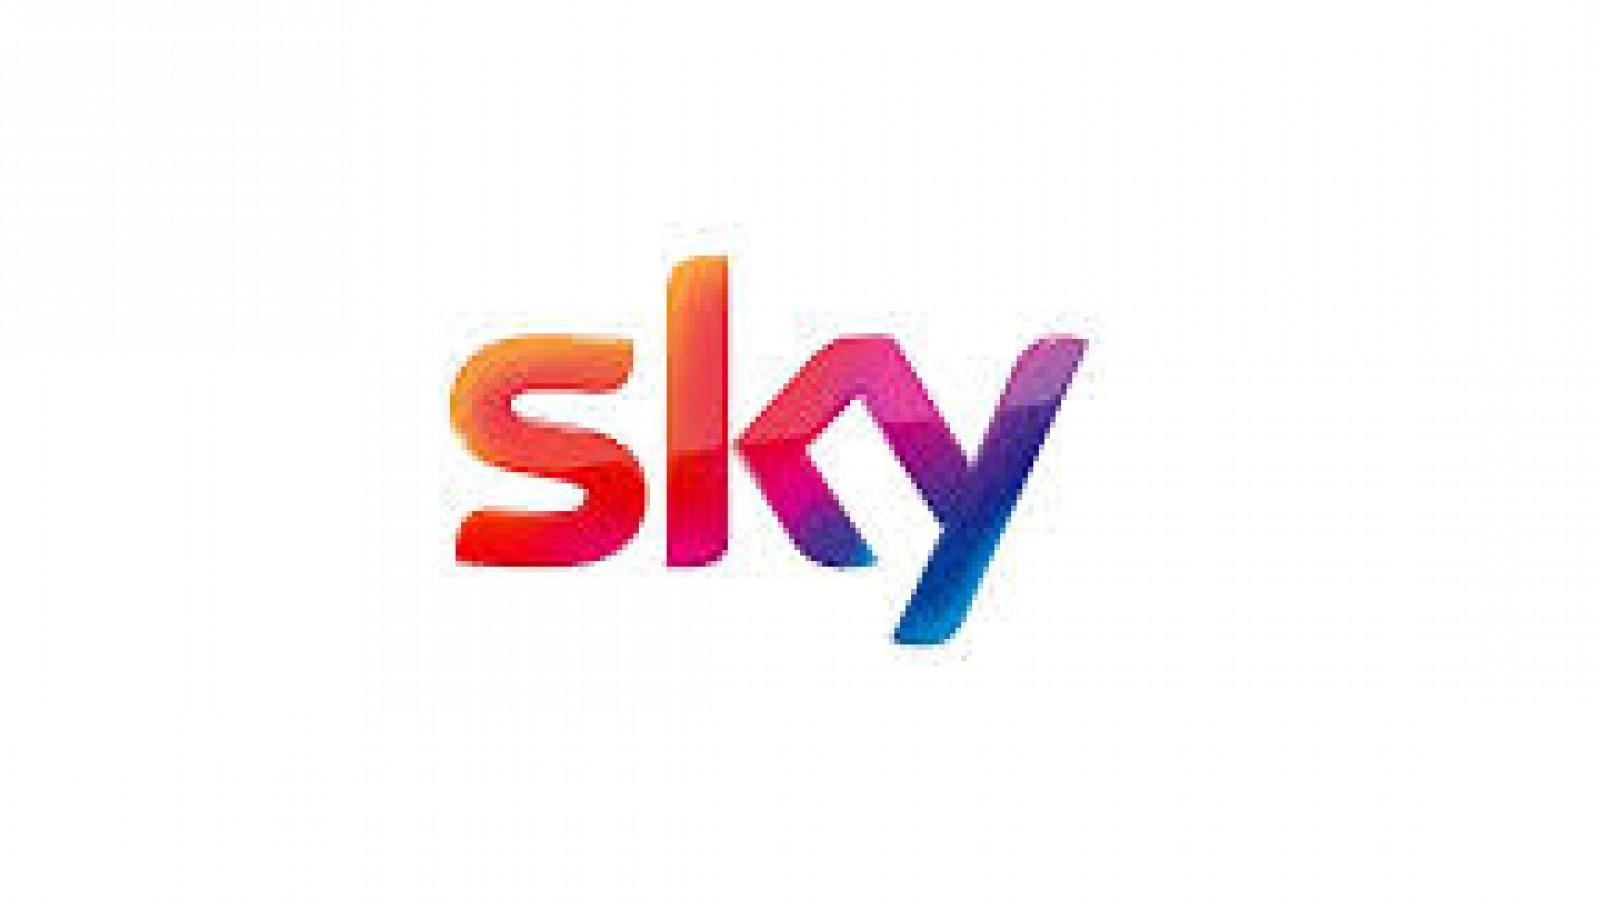 Offerta Sky gratis solo per le prenotazione dirette da Giugno a Settembre  Sky free only for direct bookings